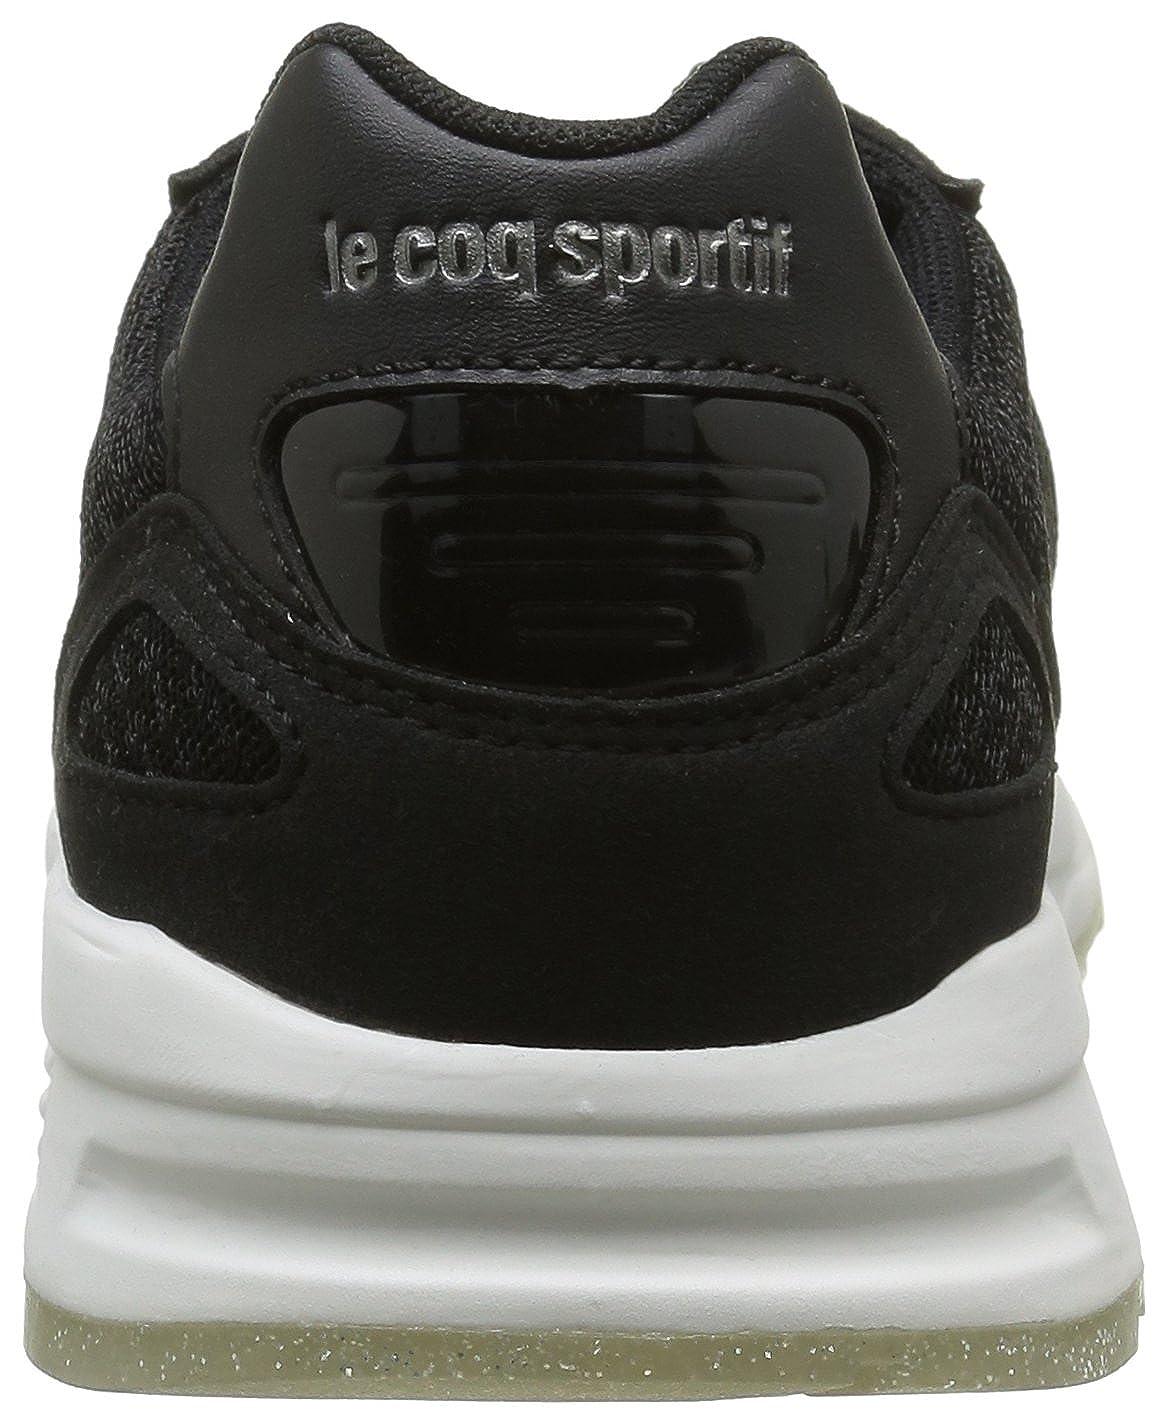 Le Coq Sportif Sportif Sportif LCS R900 Sparkly, Scarpe da Ginnastica Basse Donna 42f505